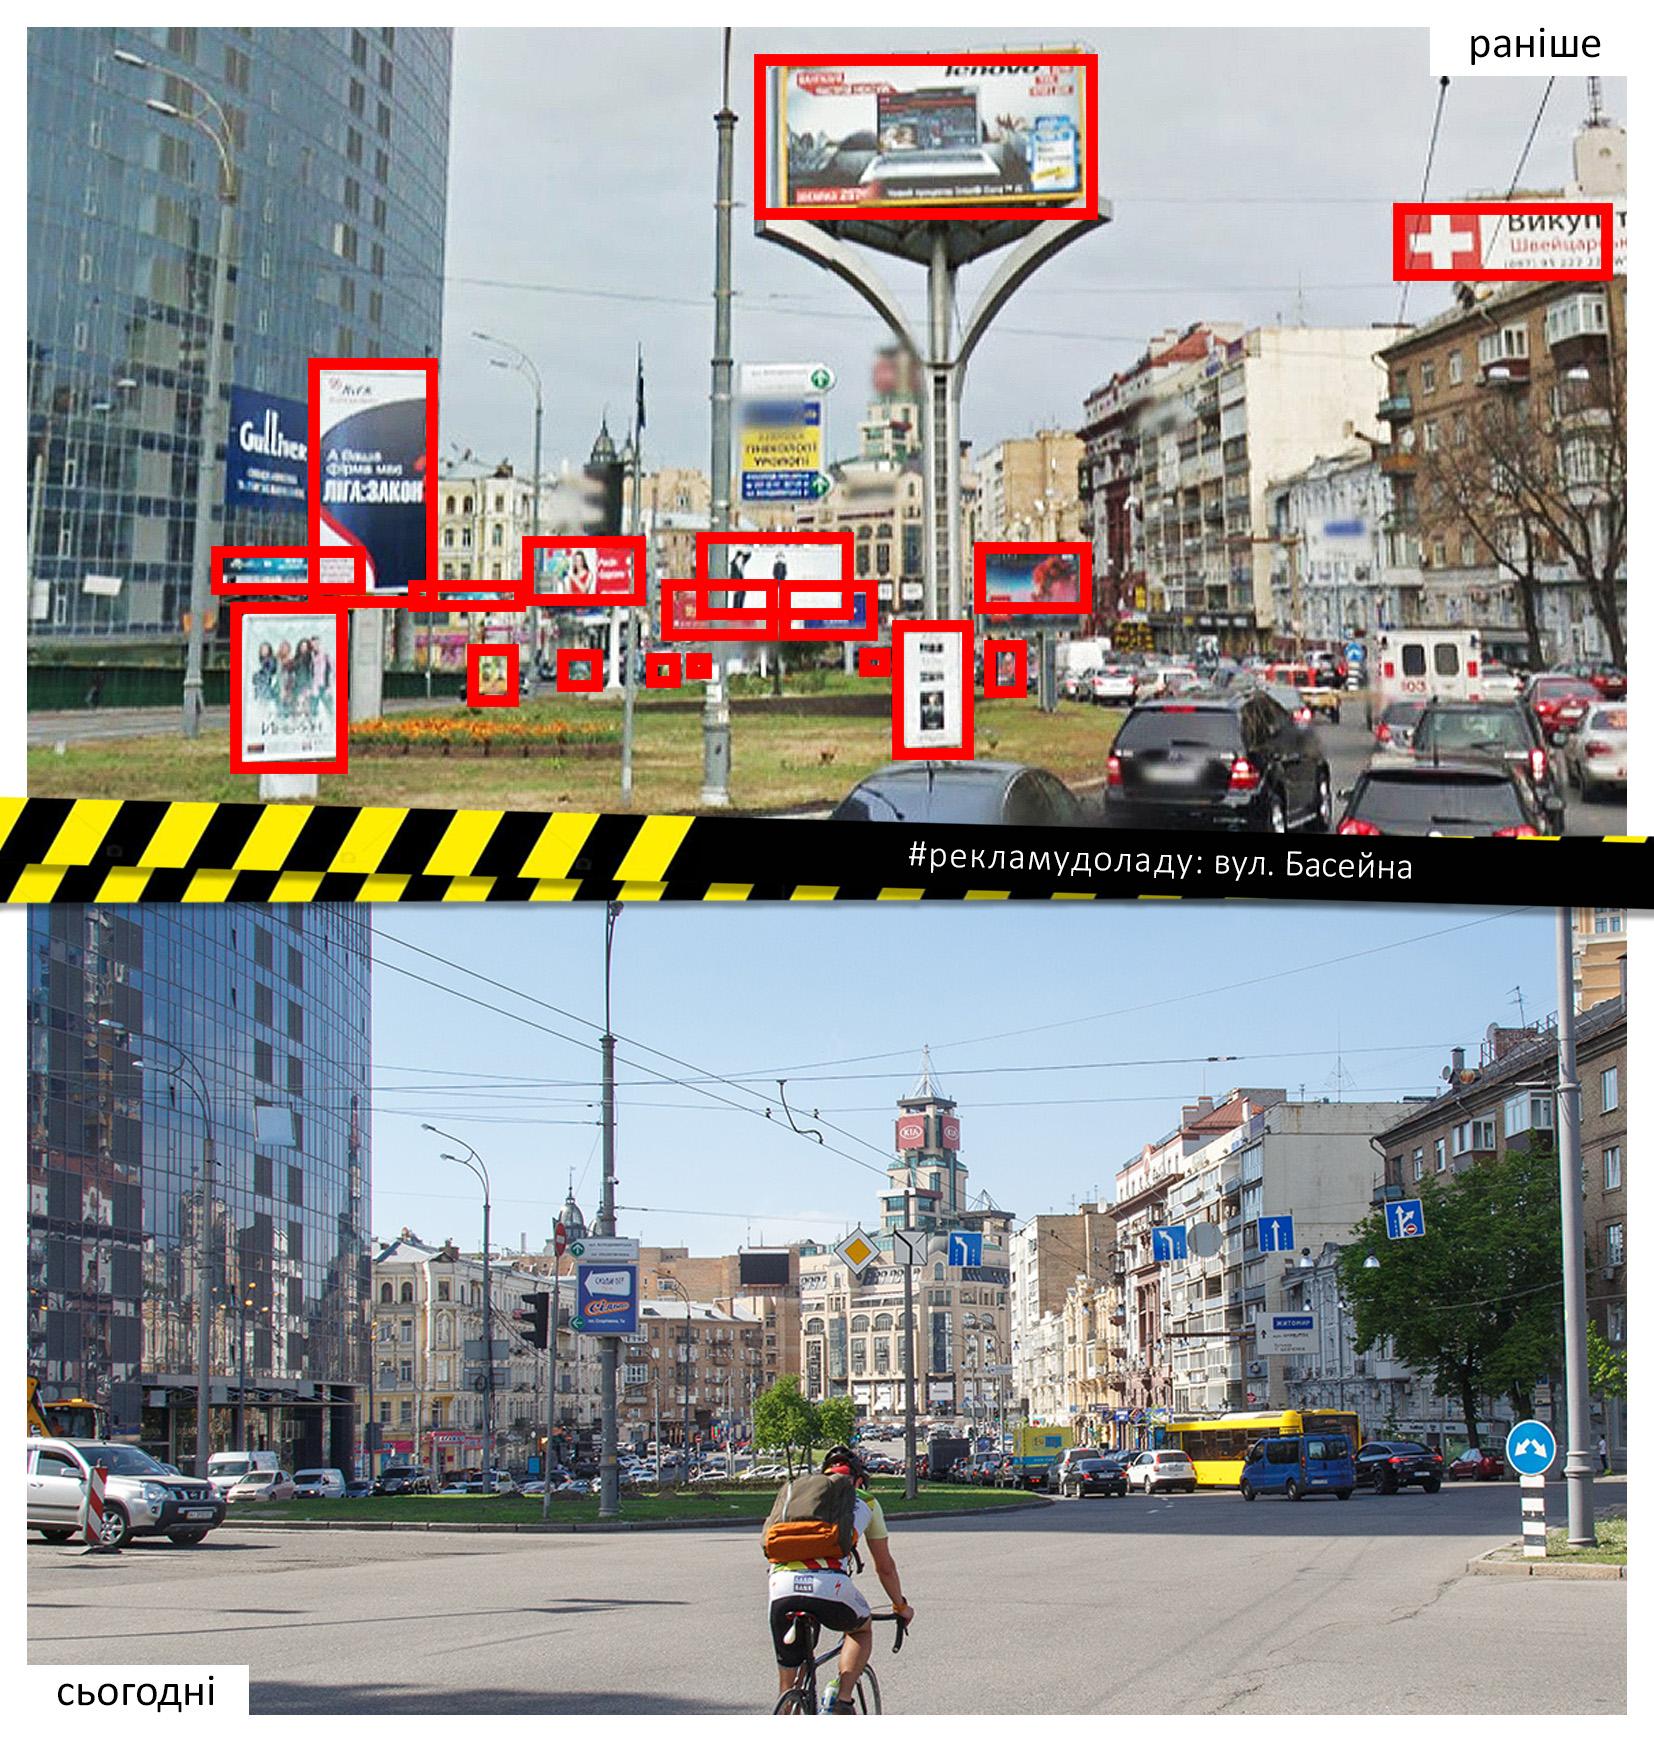 Количество наземной рекламы в центре Киева уменьшилось на 1300 единиц 03